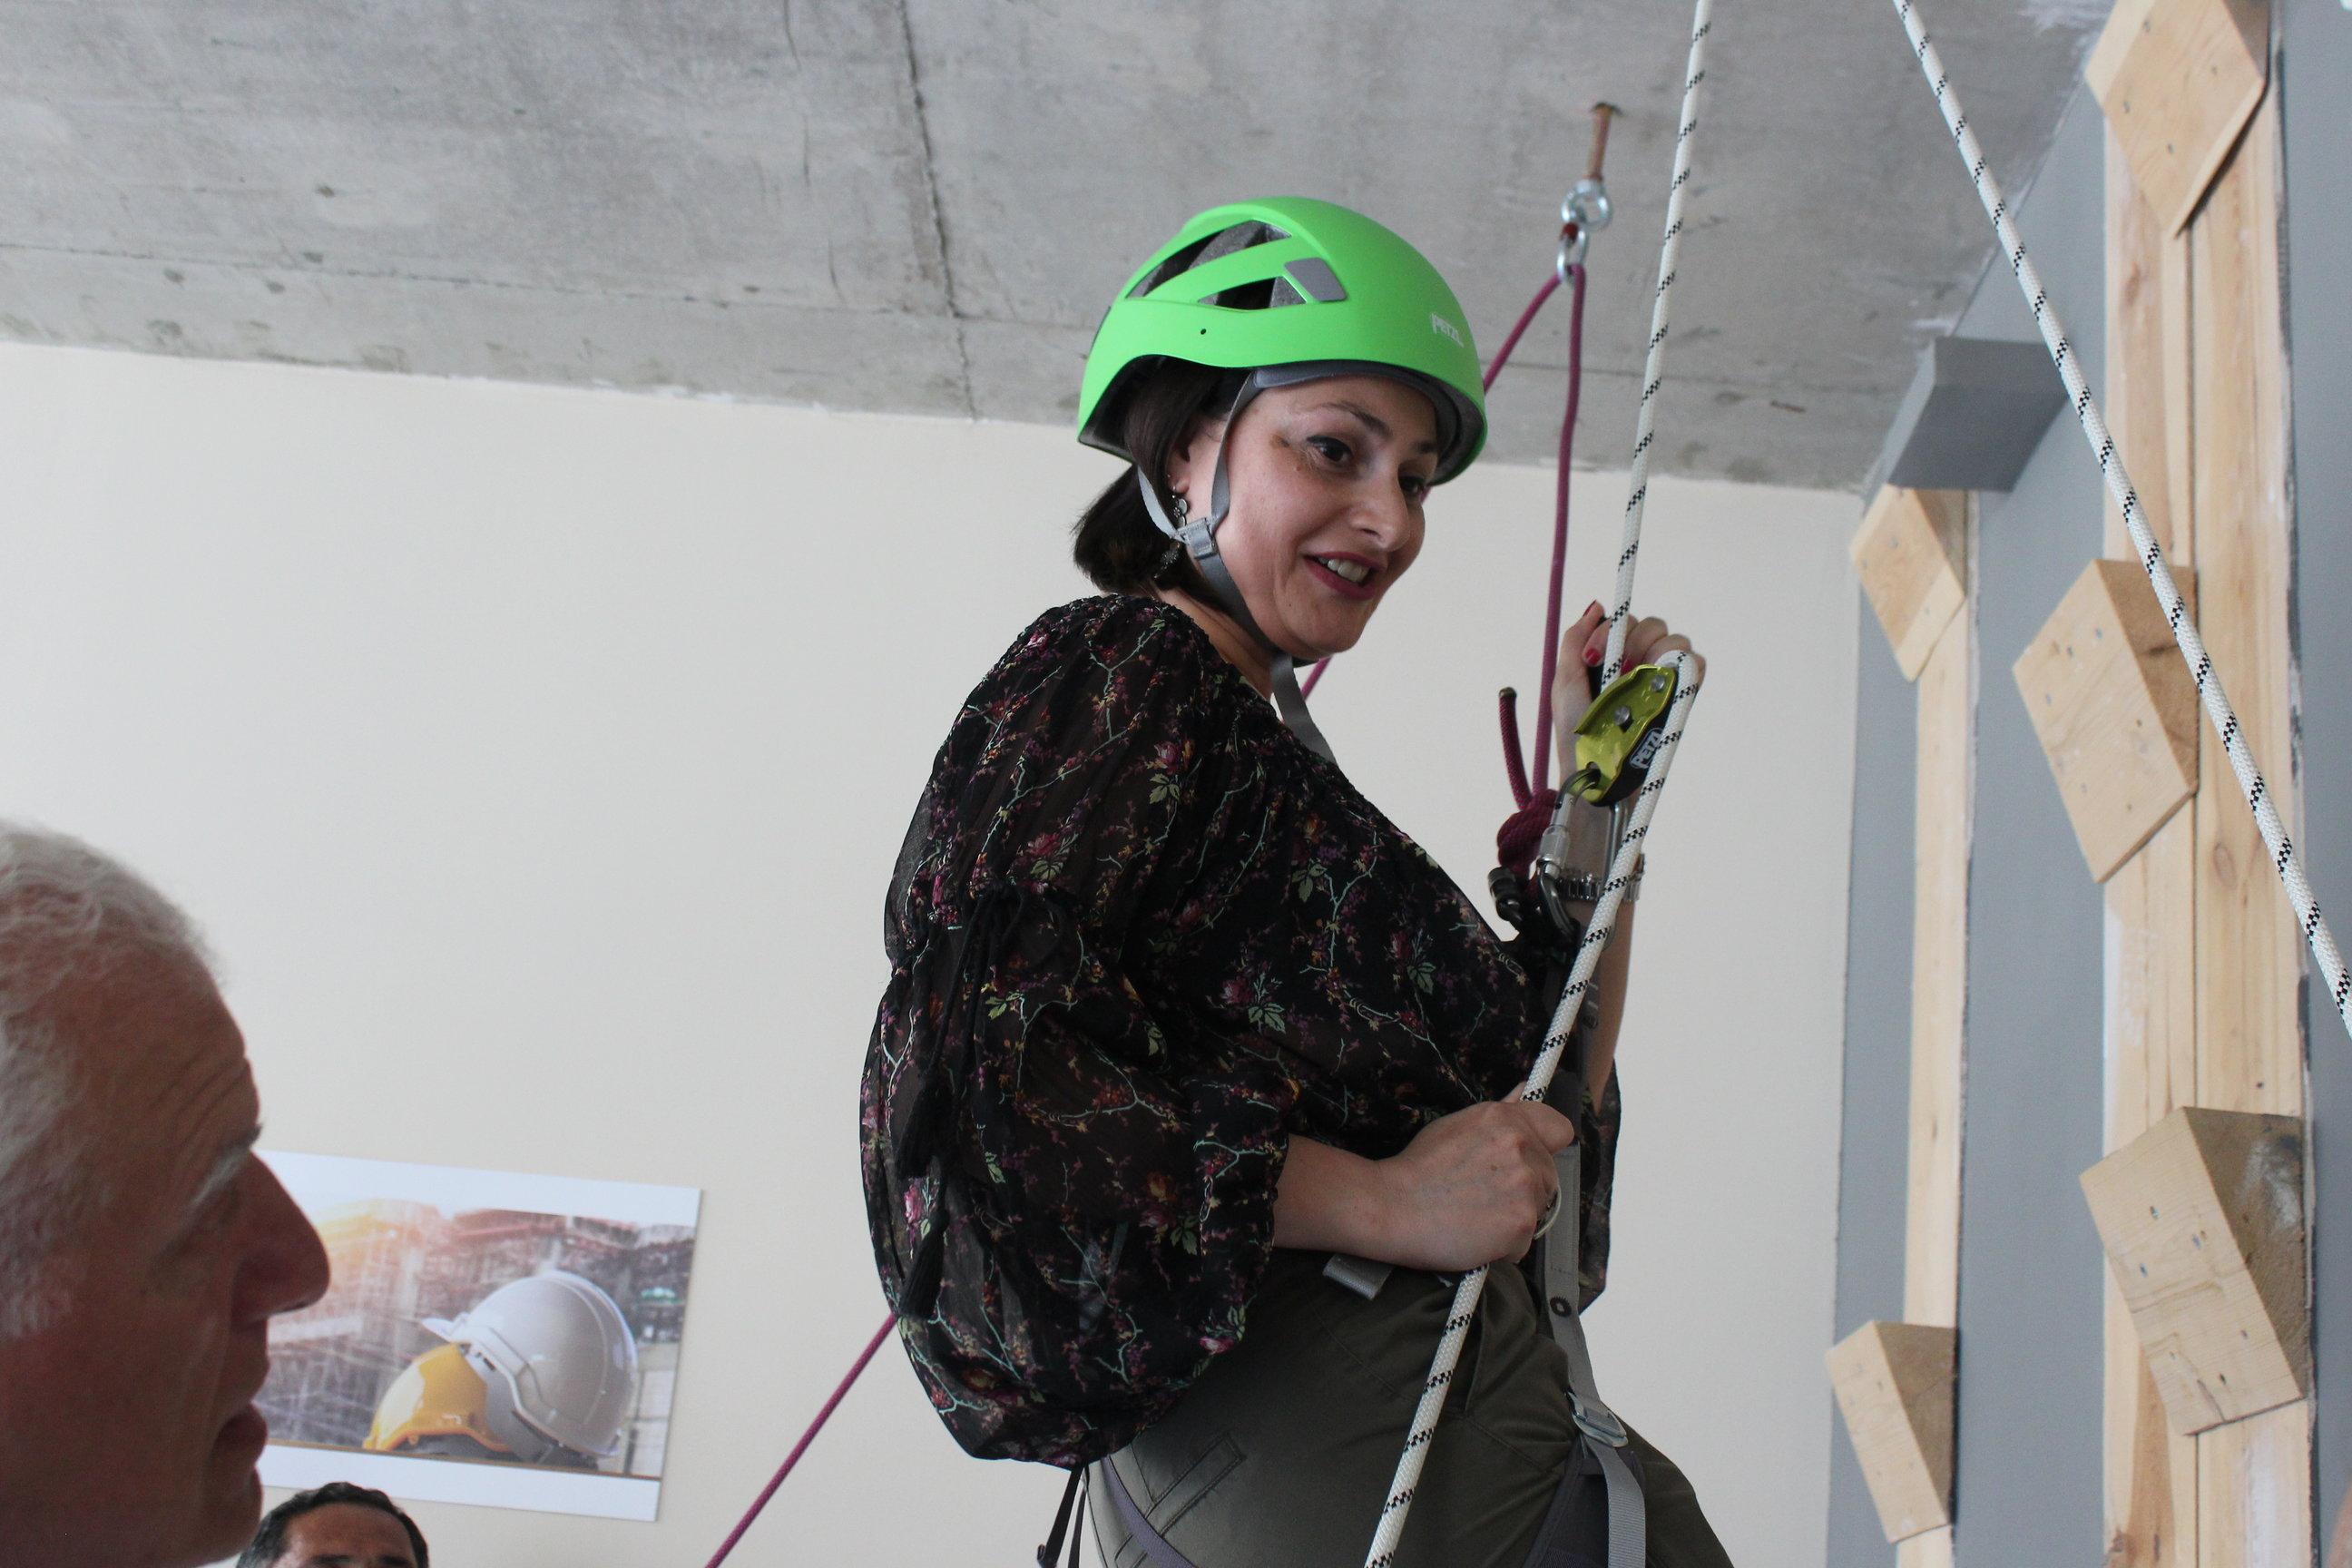 სიმაღლეზე უსაფრთხოდ მუშაობის პრაქტიკა შრომის უსაფრთხოების სპეციალისტებისთვის